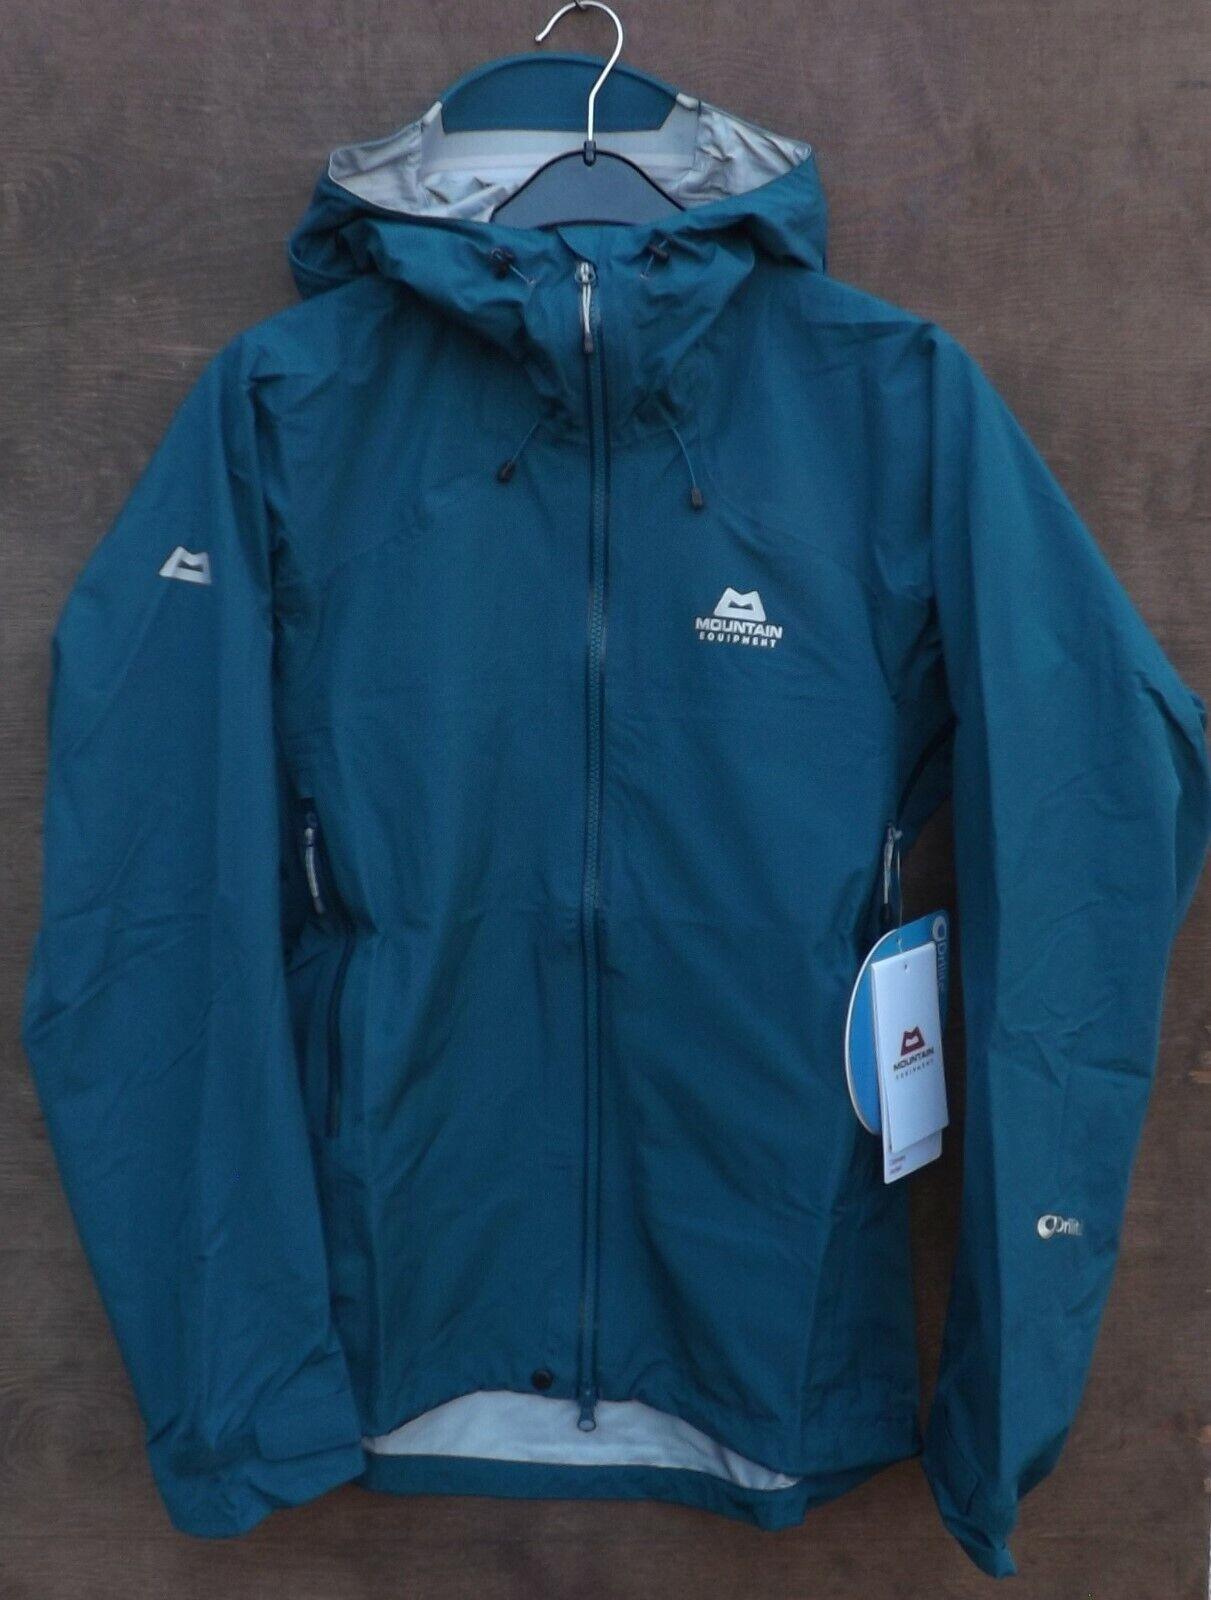 Mountain Equipment odyssey  Jacket Men estancos 3-LAGEN señores chaqueta azul  ahorrar en el despacho